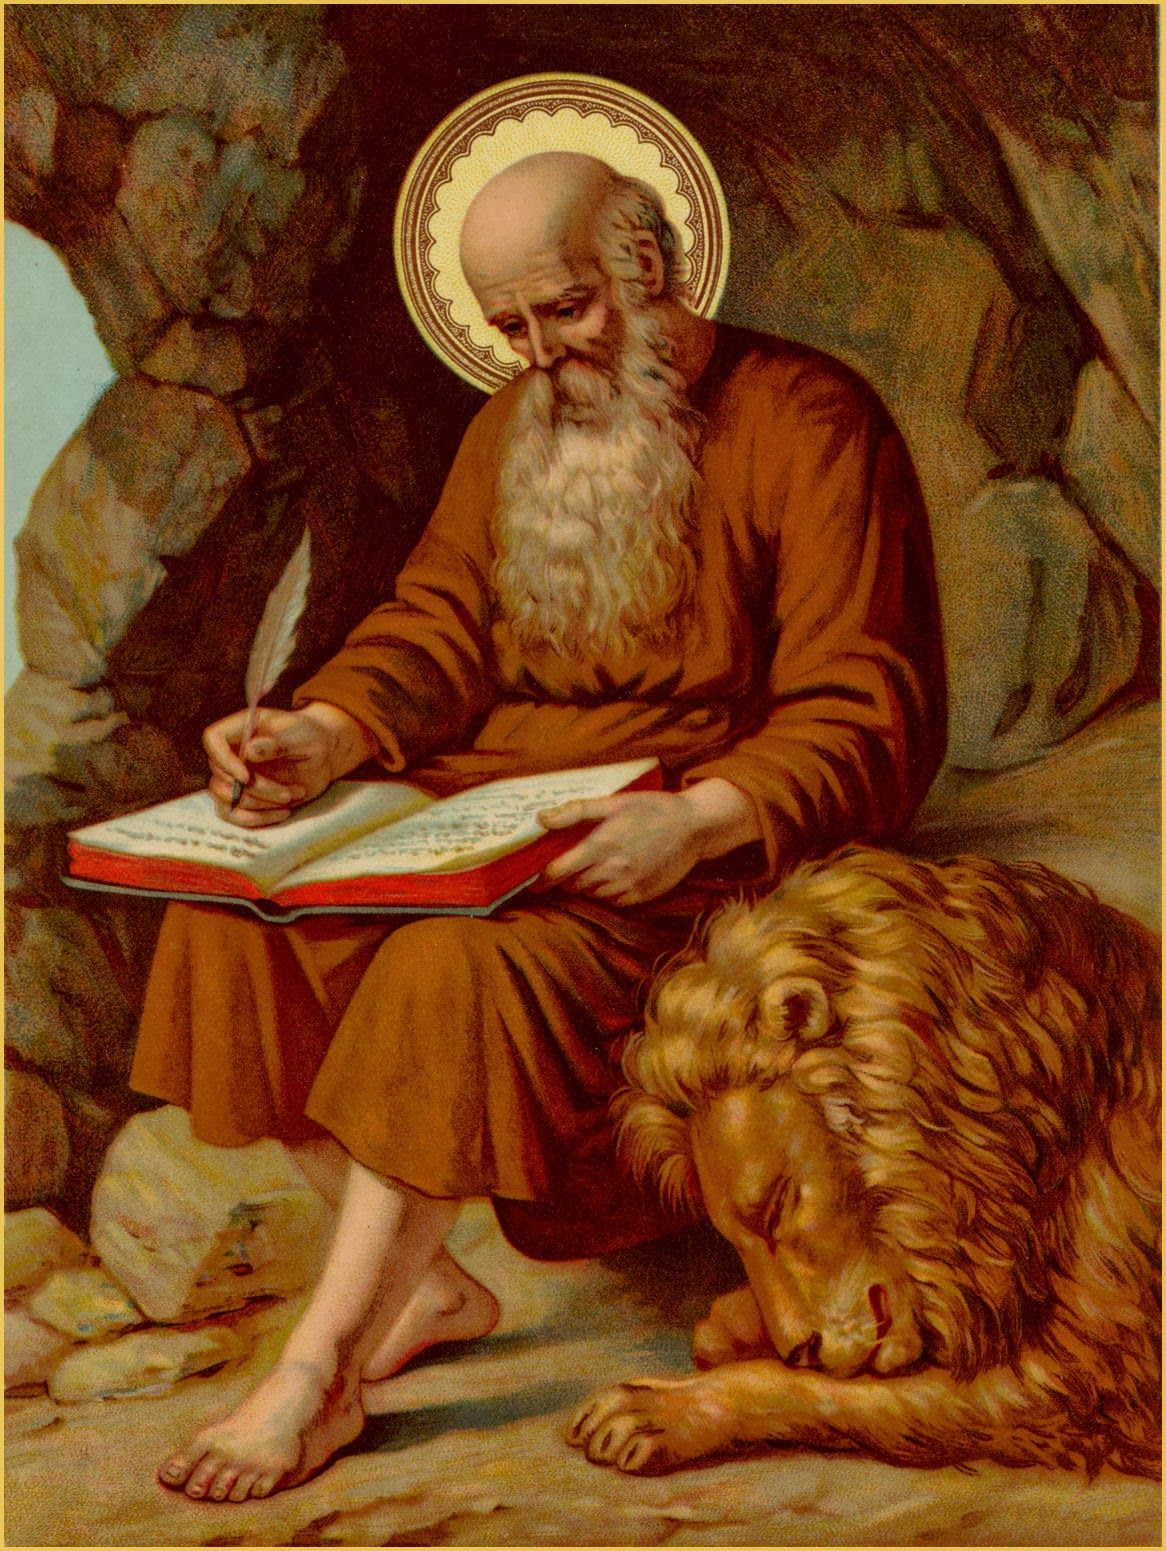 San Jerónimo de Estridon